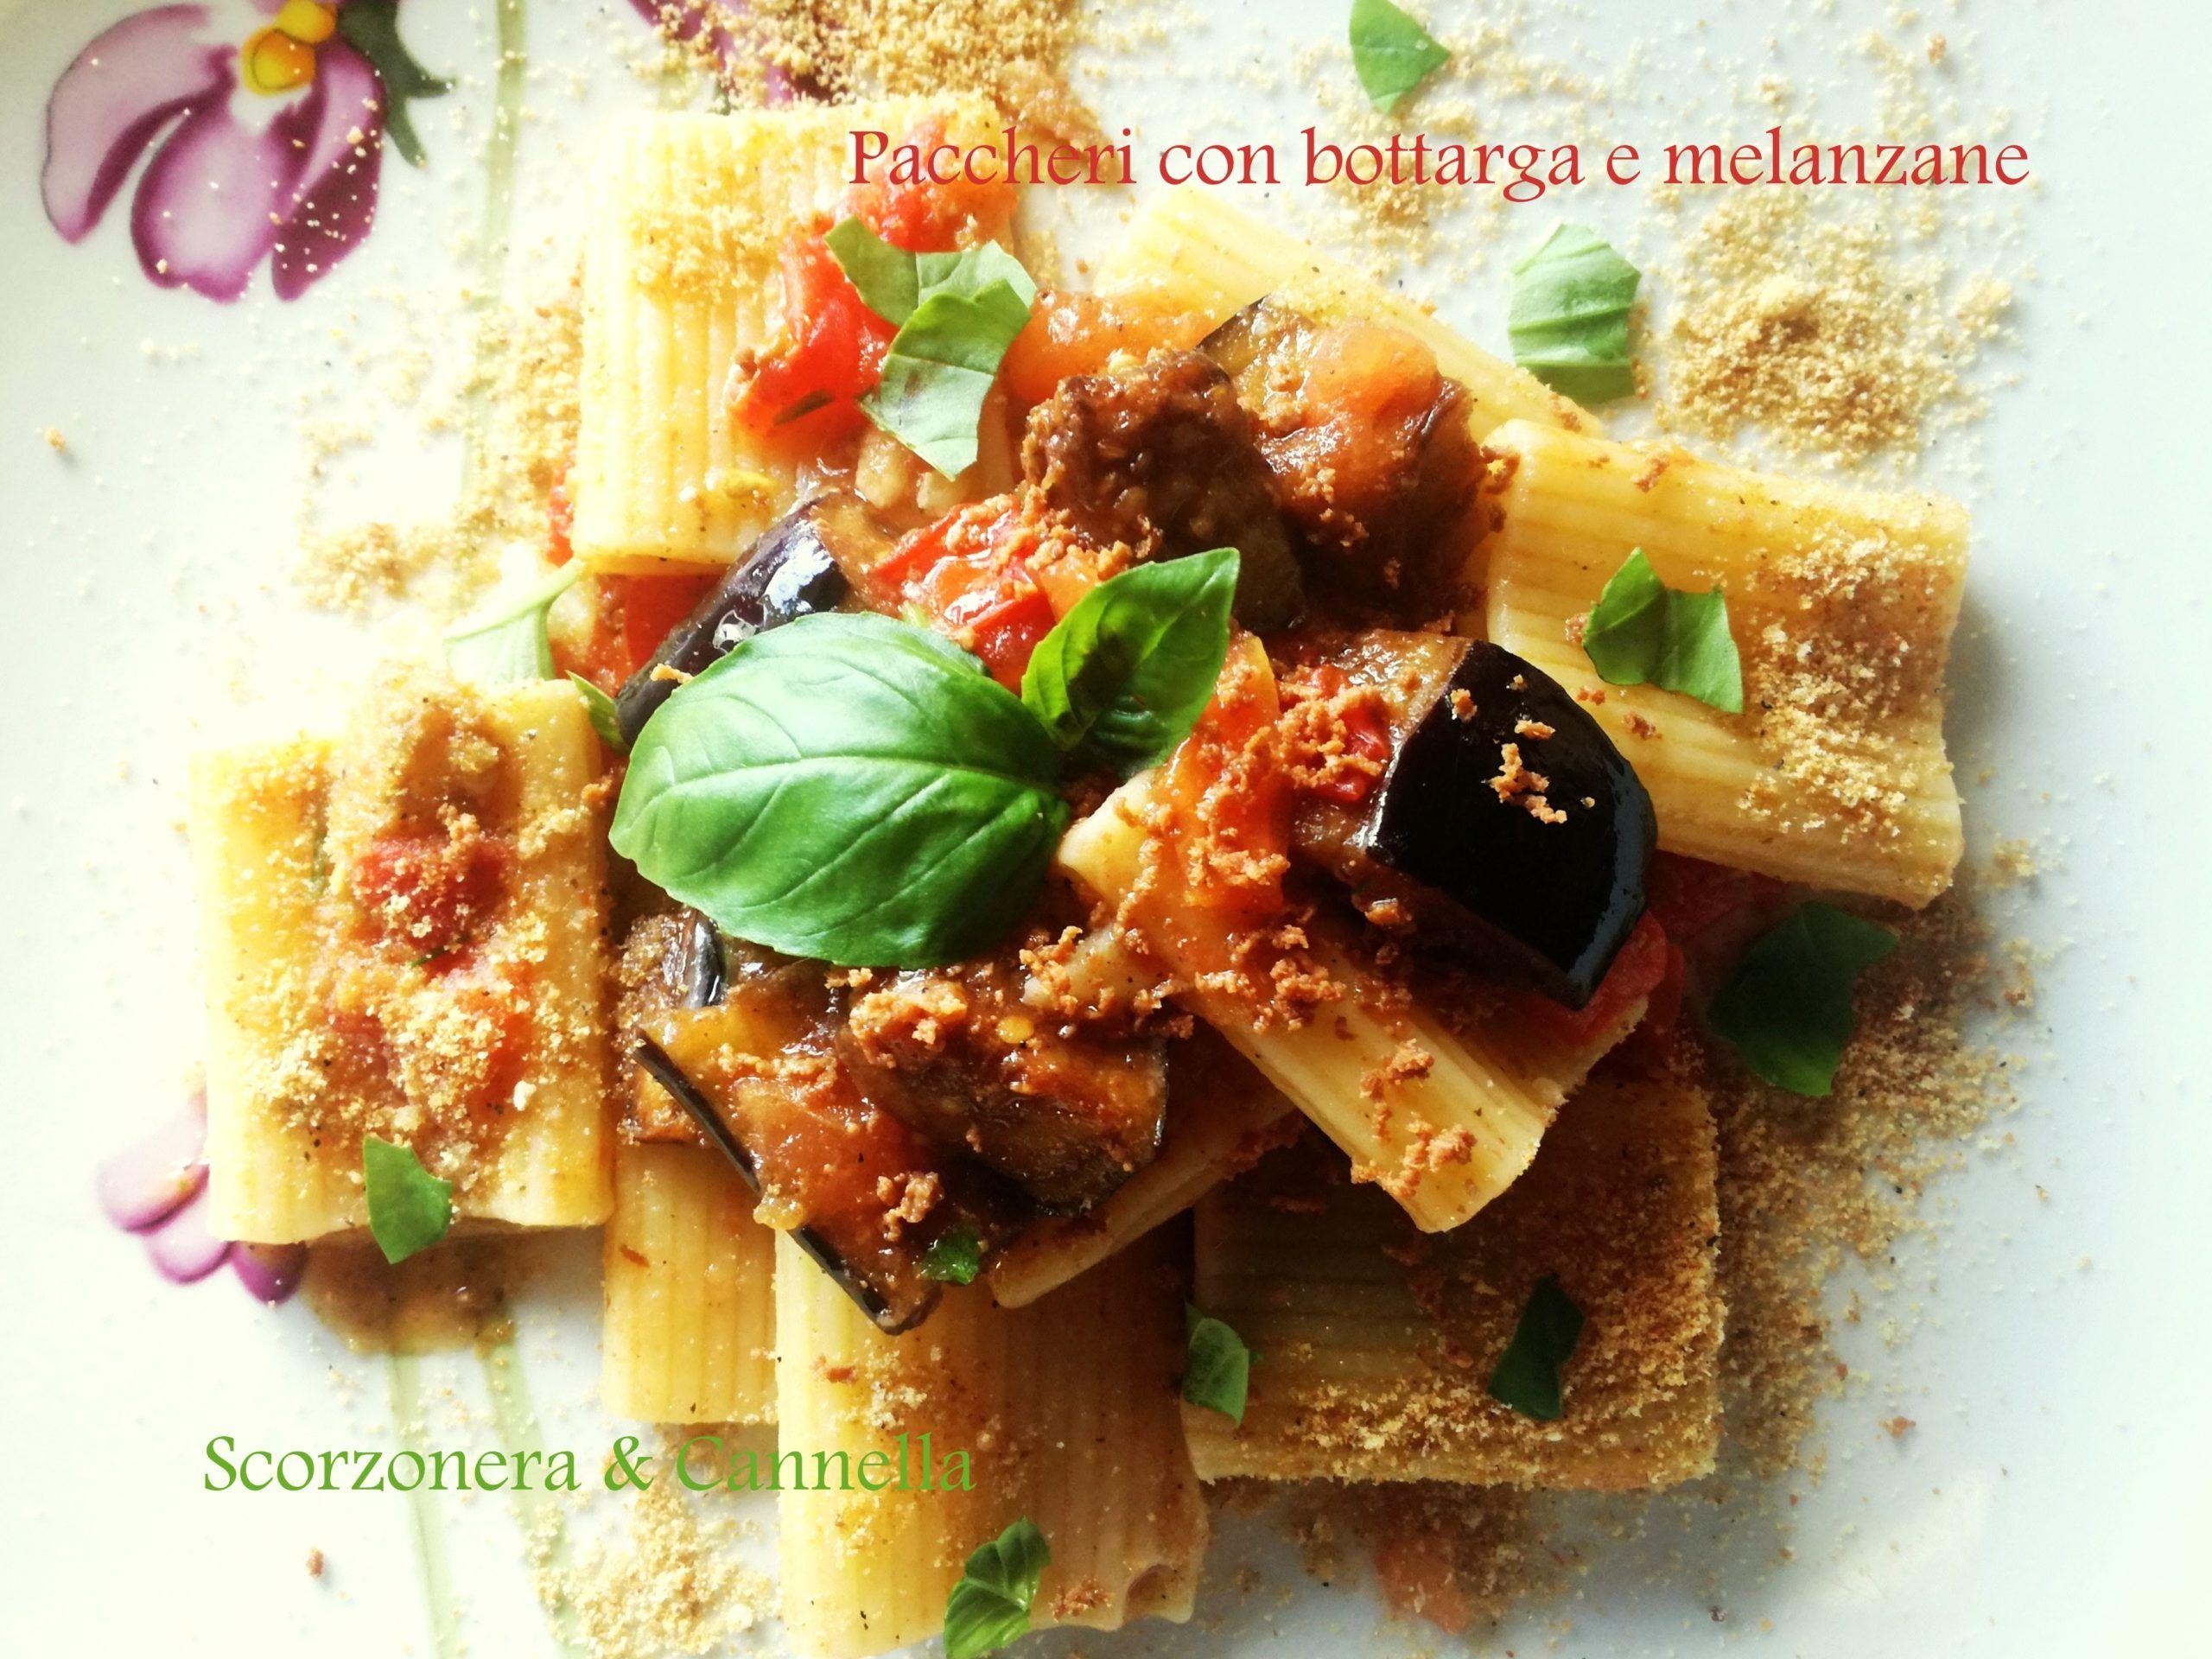 Paccheri con bottarga e melanzane di Scorzonera&Cannella